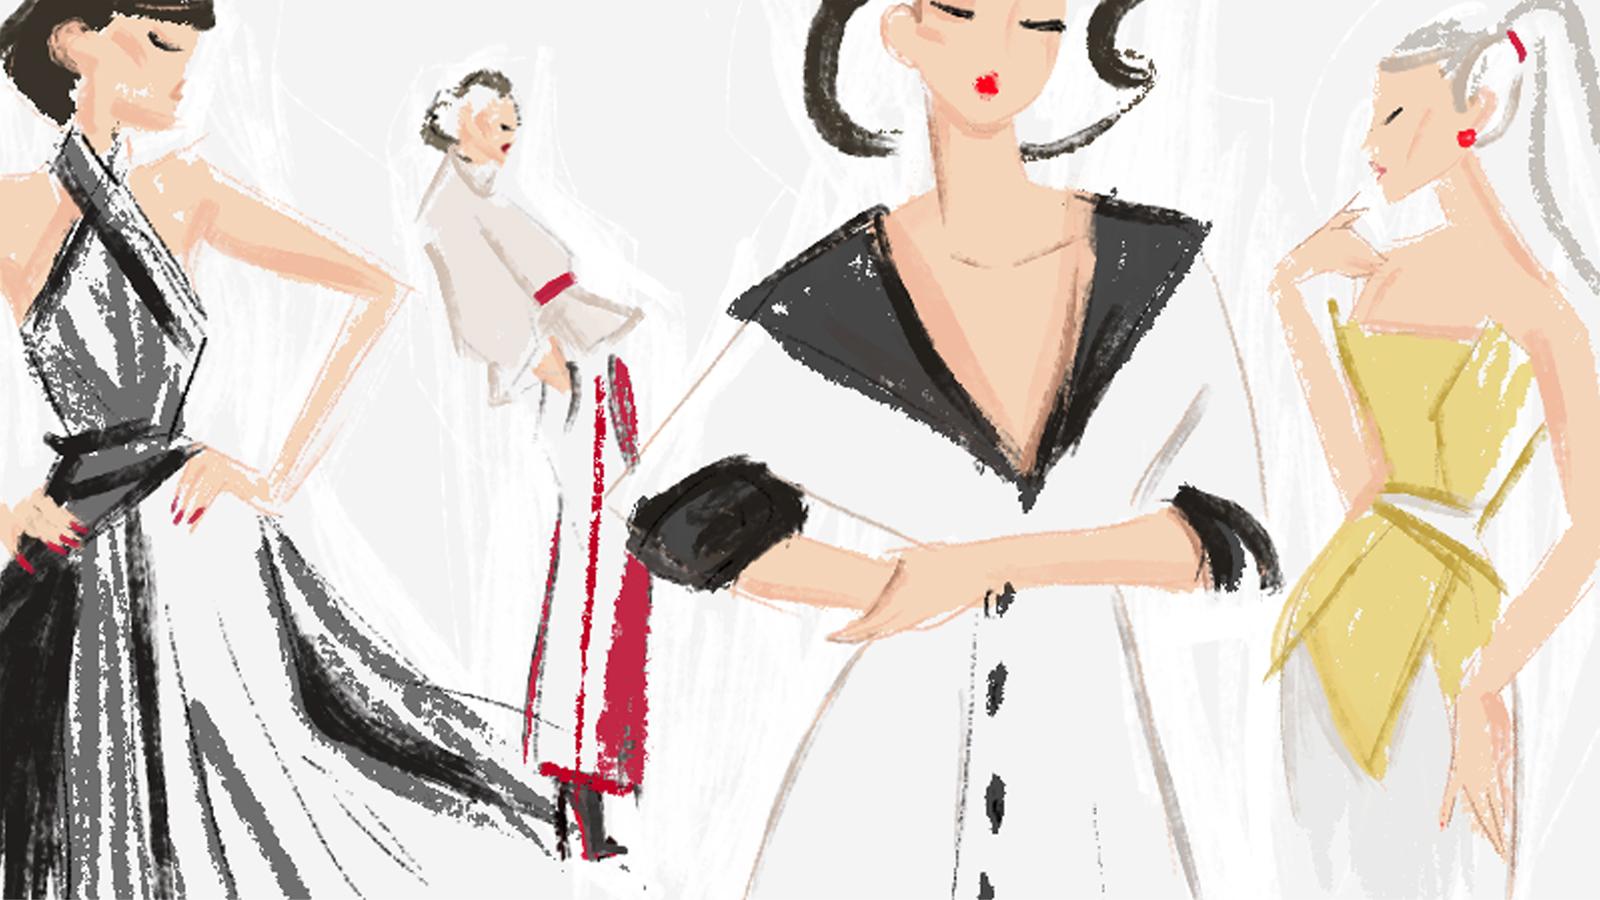 modeillustration mit vier frauen models rot weiss schwarz